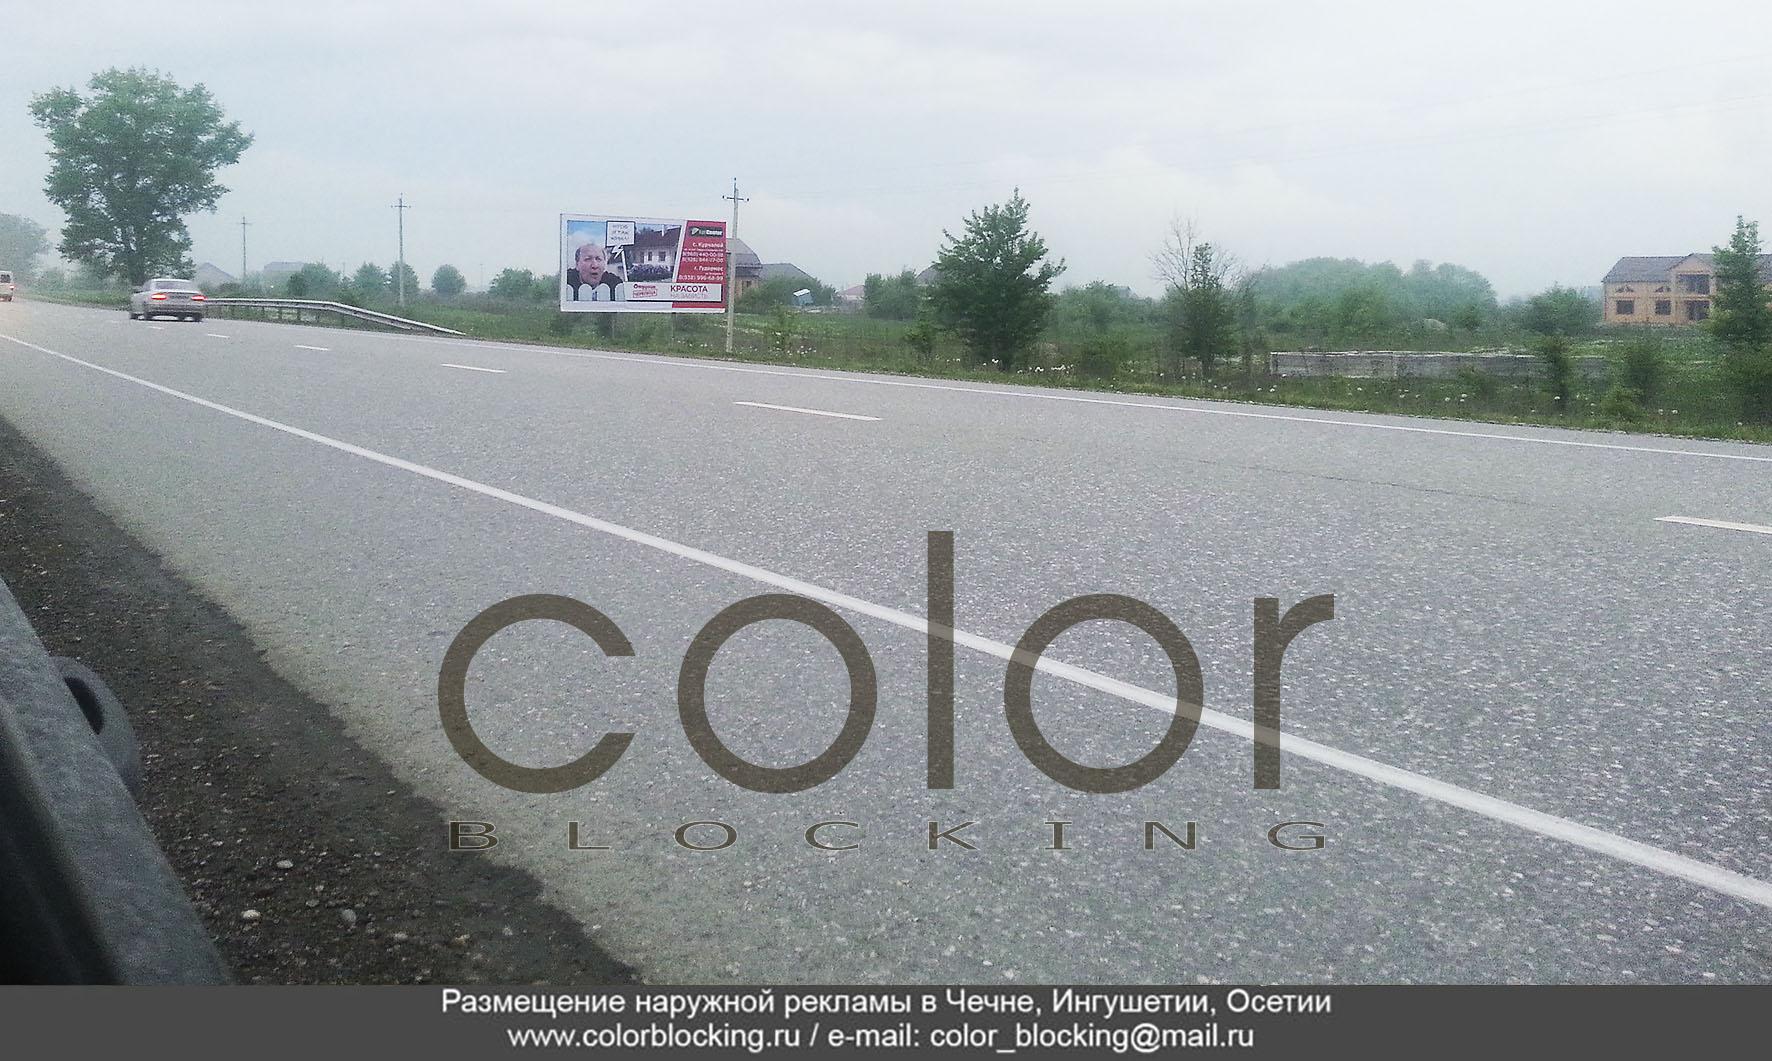 Наружная реклама 3х6 в Чечне Урус-Мартан